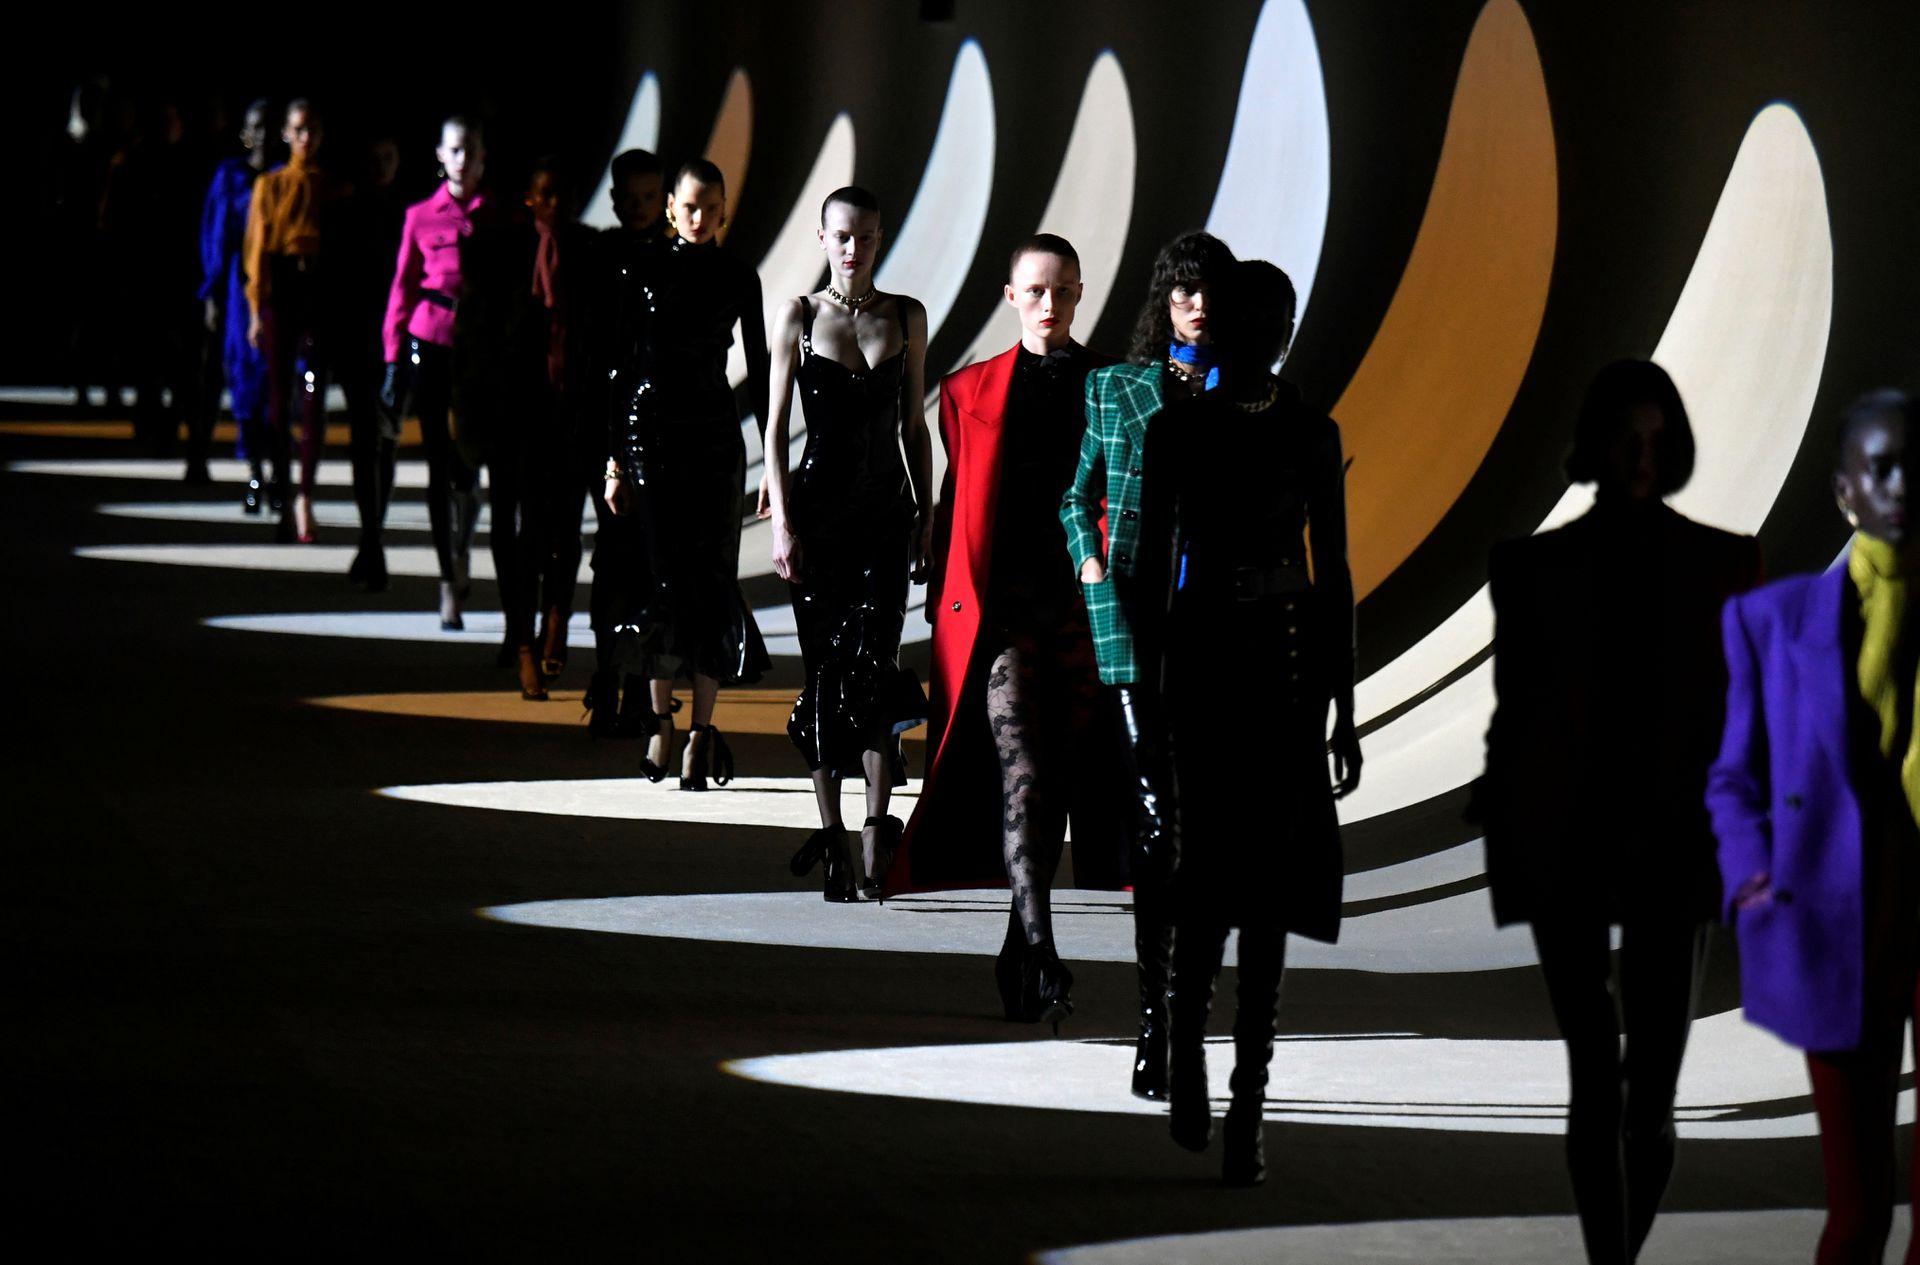 Colección diseñada por Anthony Vaccarello para Saint Laurent, en París Fashion Week 2020